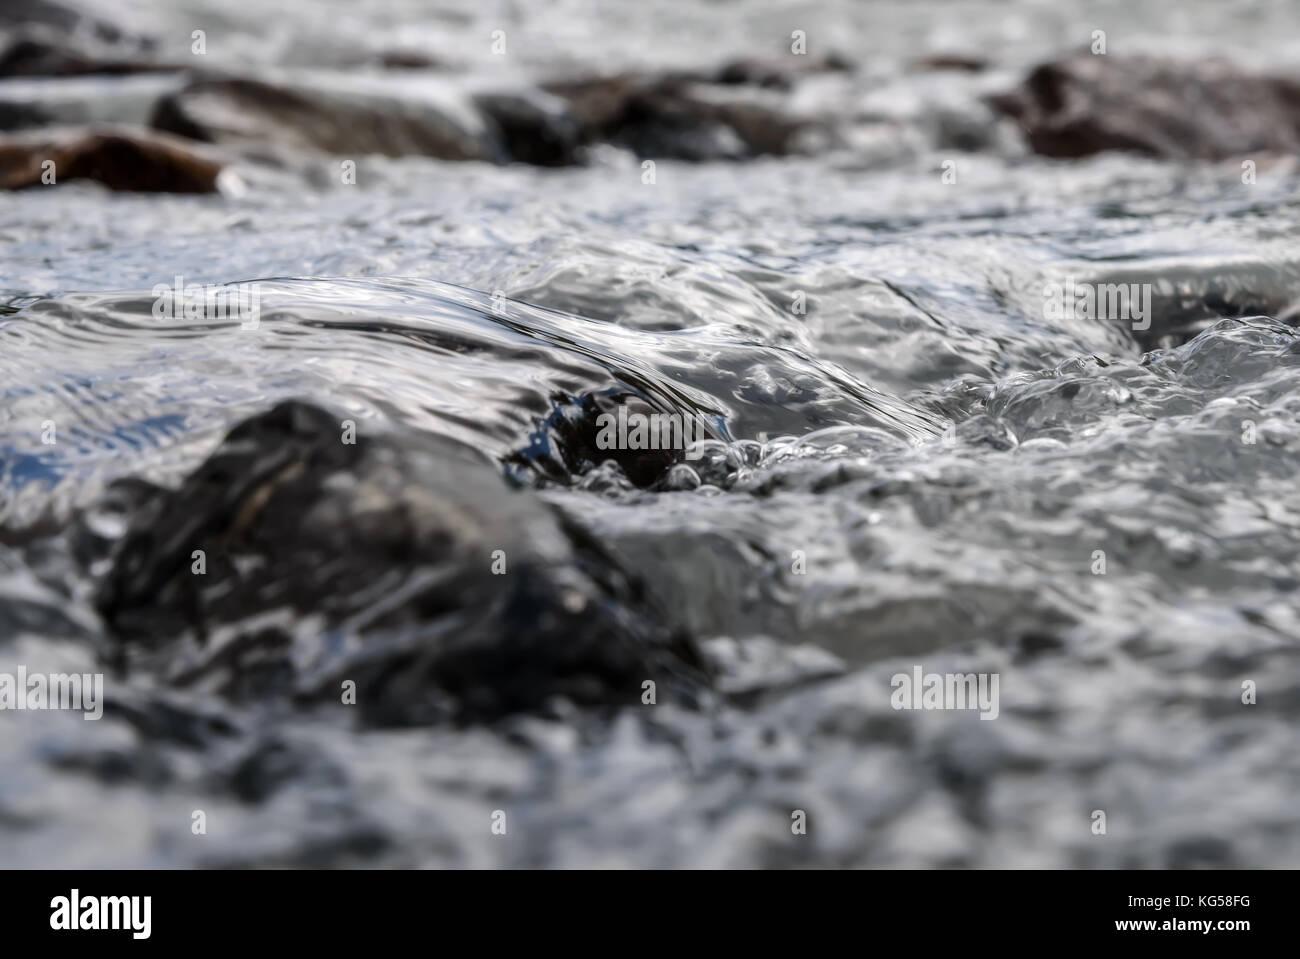 Abstrakte natürlichen Hintergrund mit Steinen und schnelle Strömung von Wasser in einer mountain river Stockbild